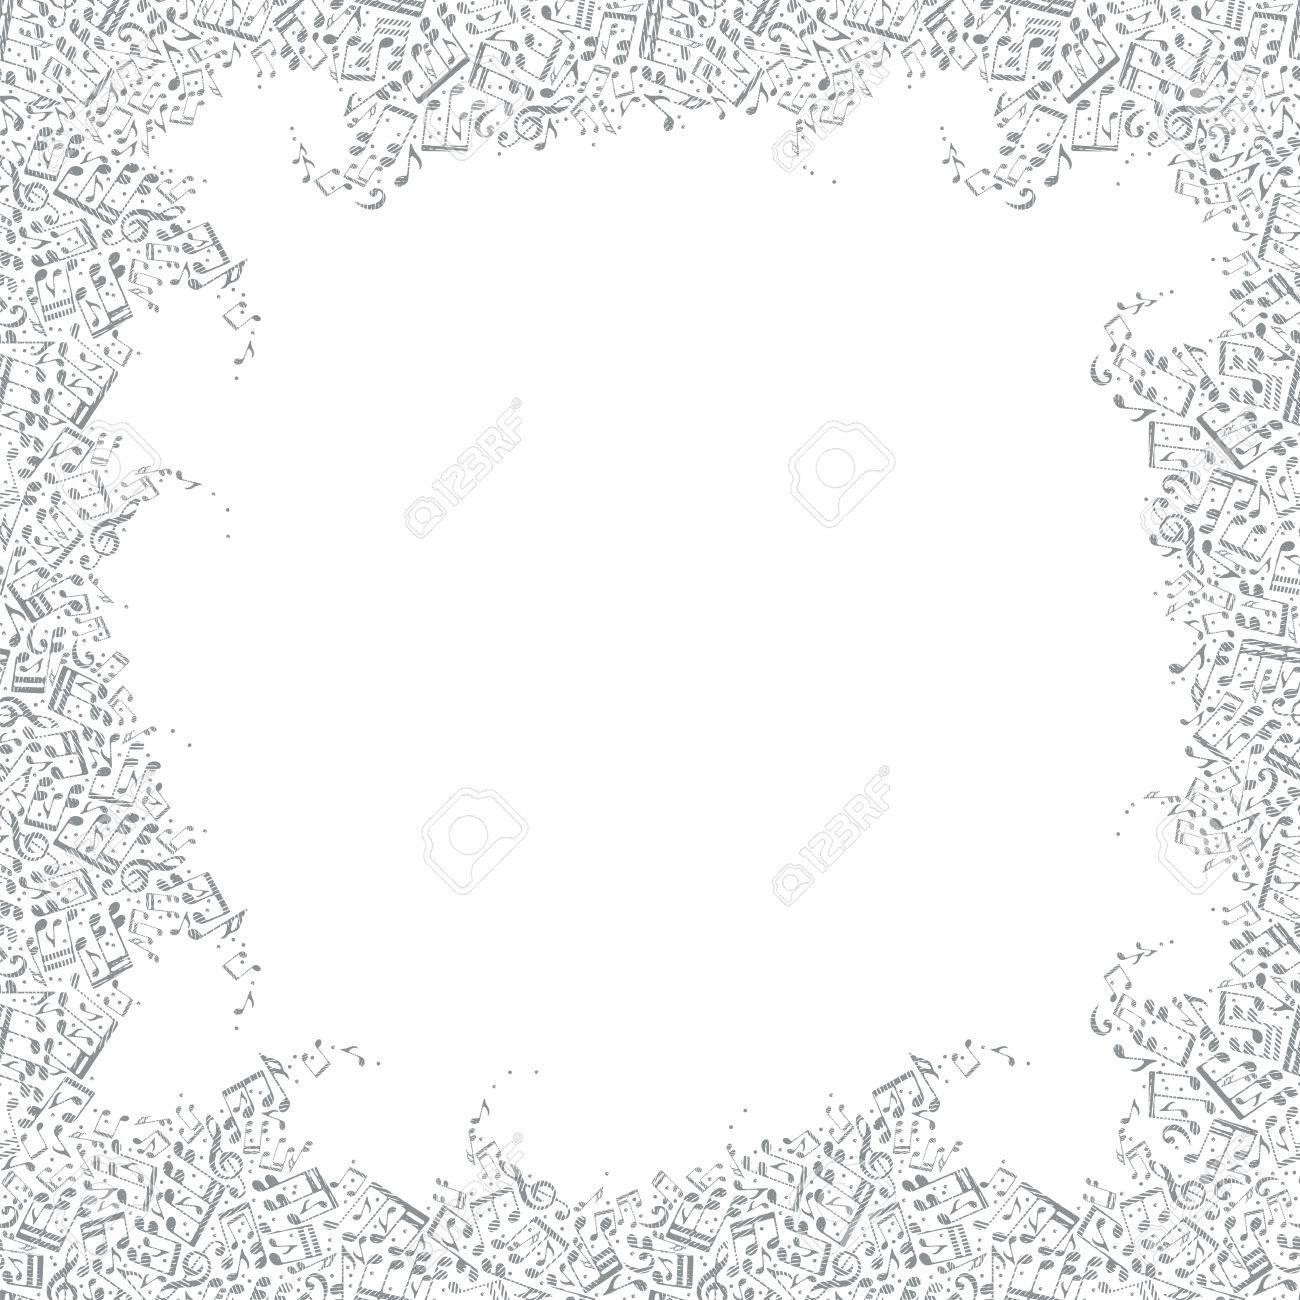 Vector Monocromática Encuadre Con Rayas Notas De Medios Tonos